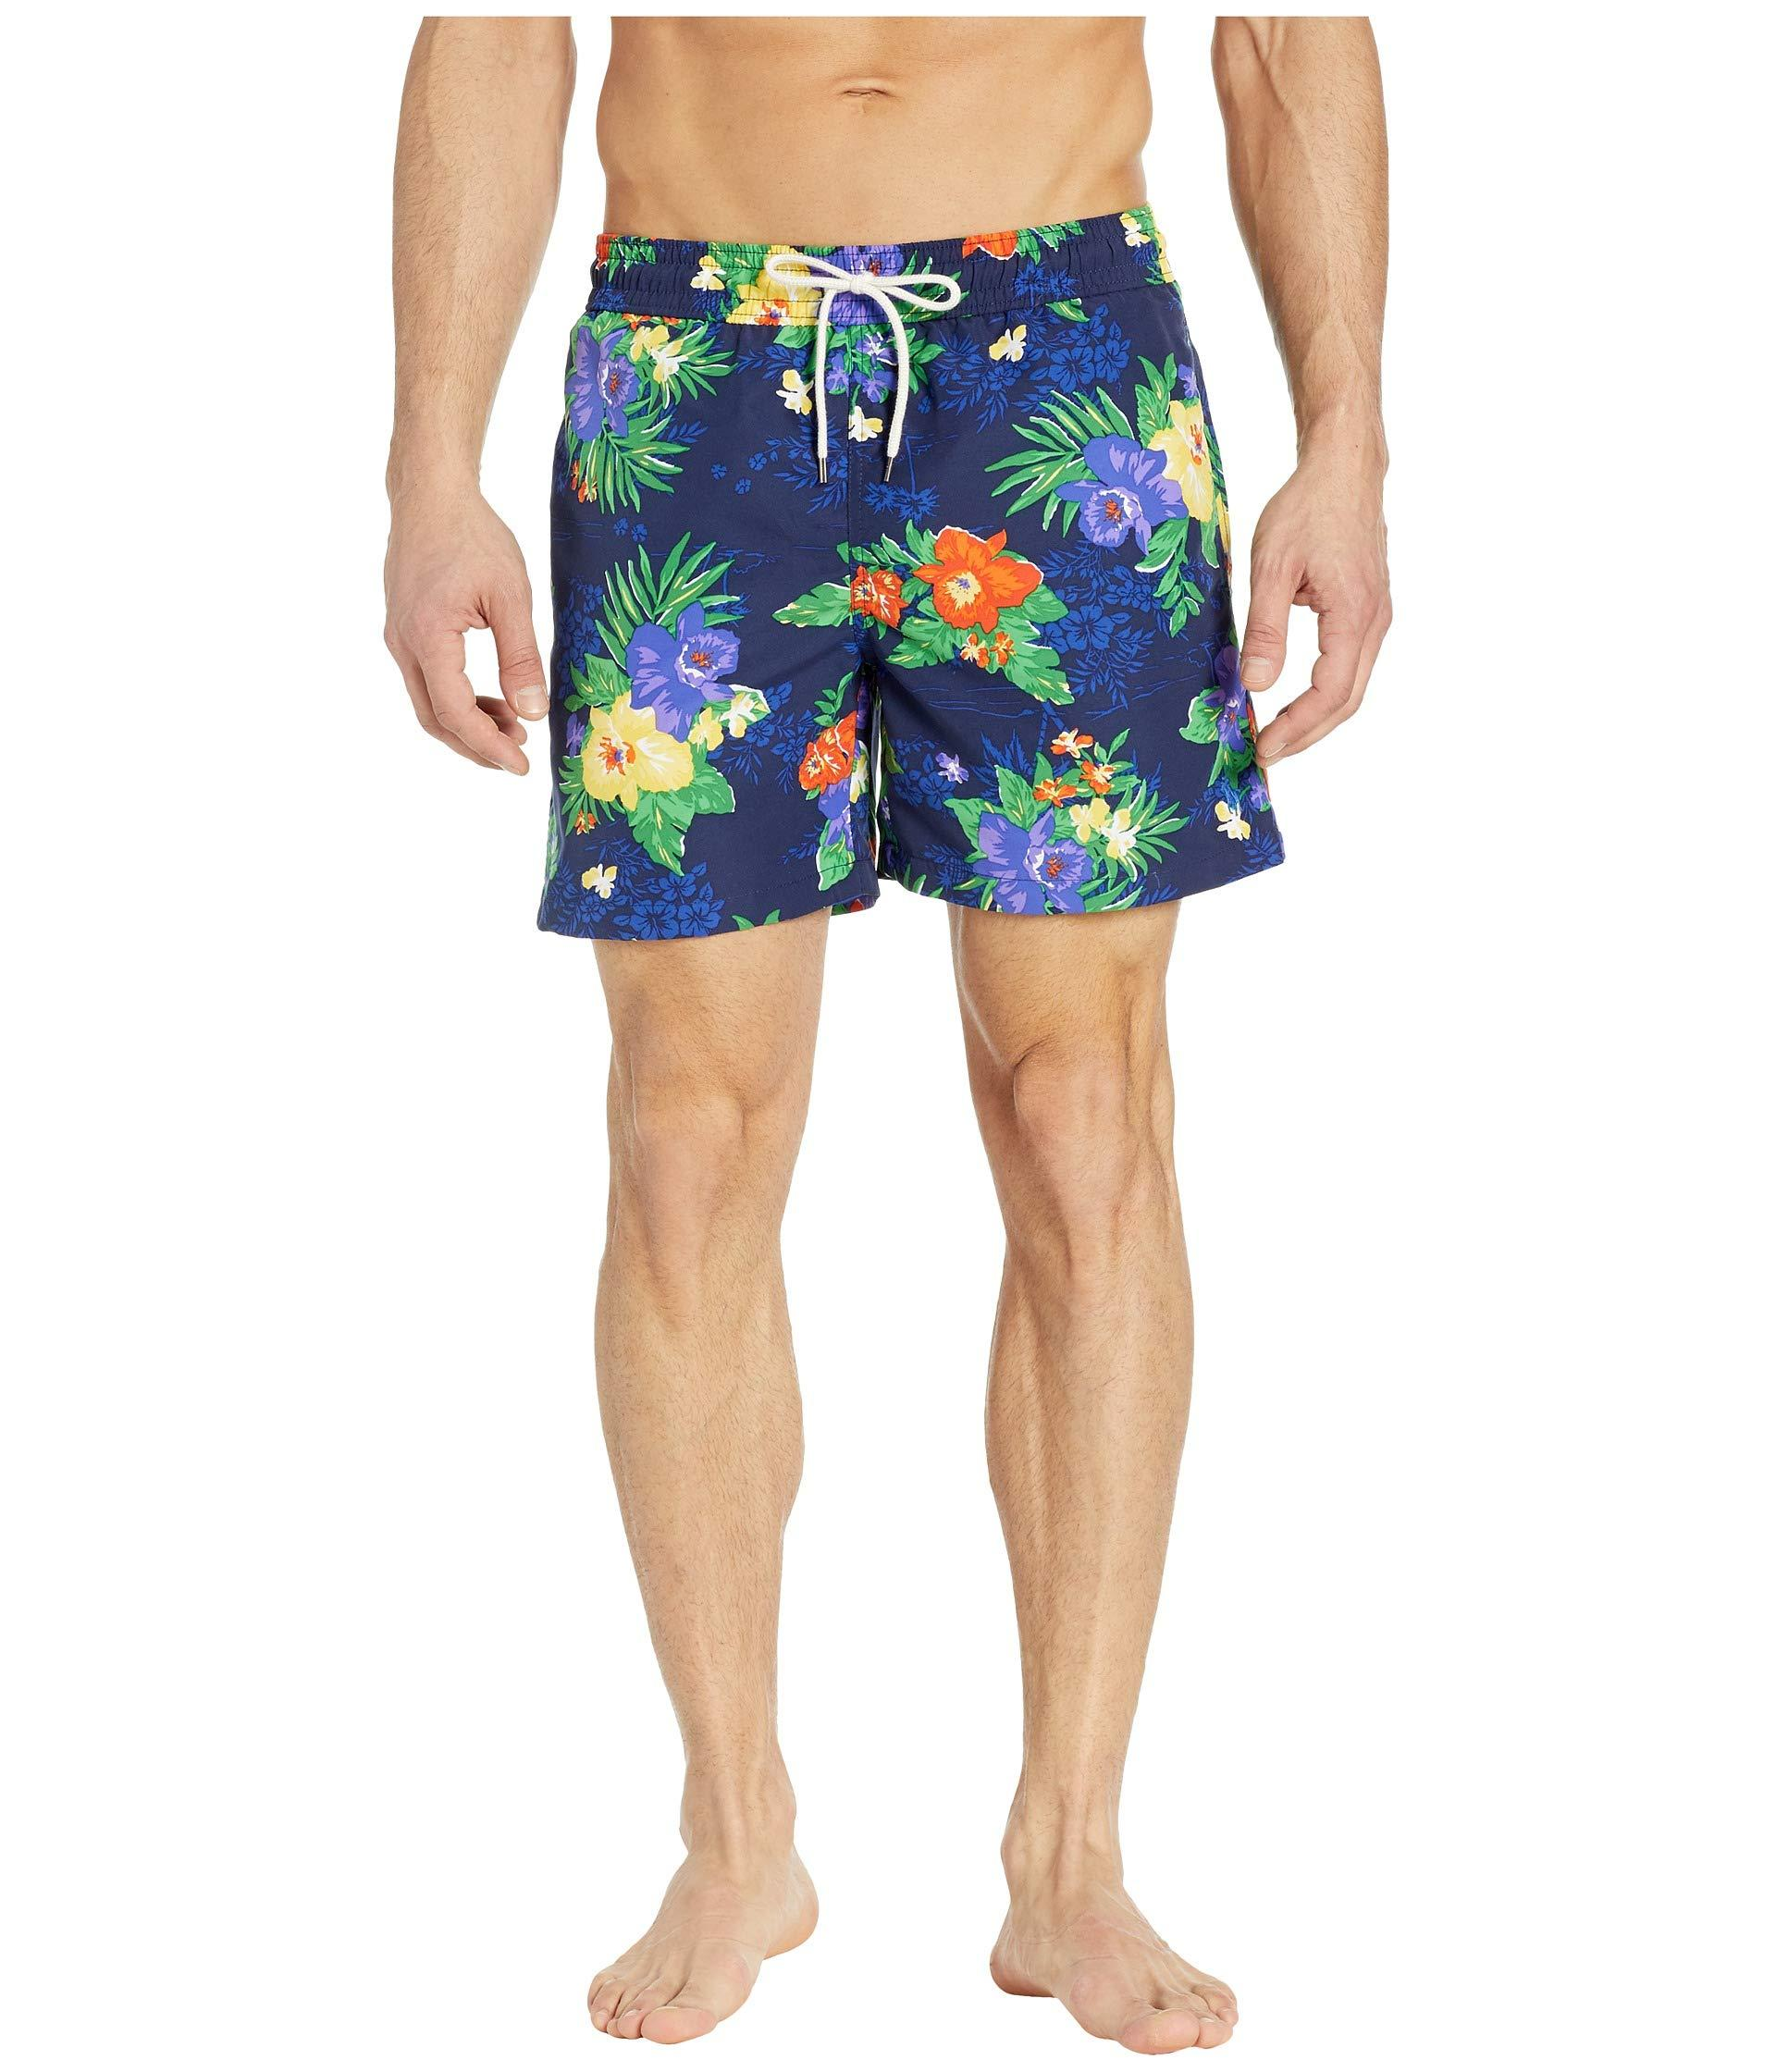 6549772cbe Lyst - Polo Ralph Lauren Traveler Swim Trunks (carribean Floral ...